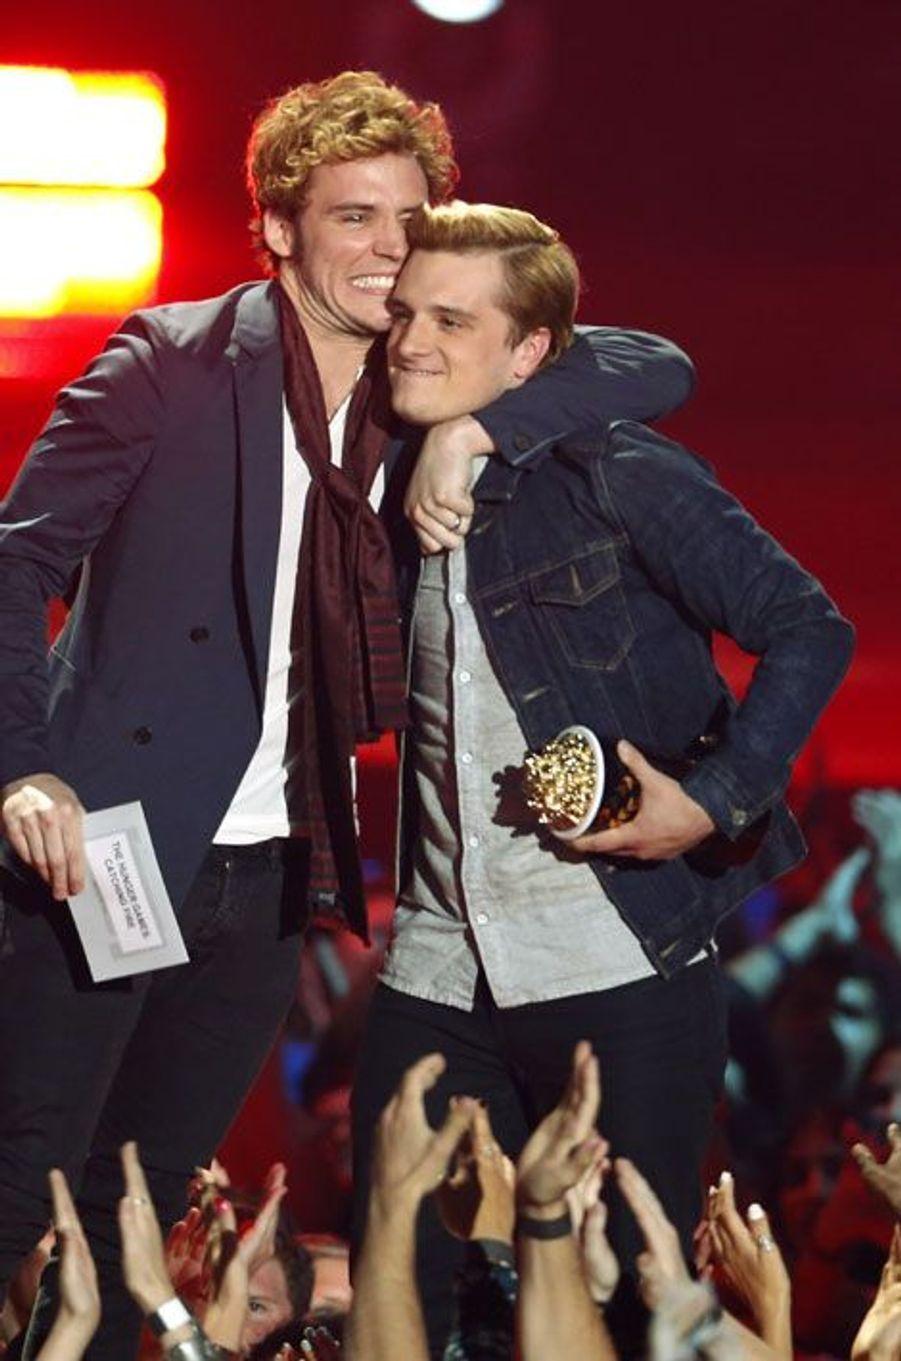 """Les deux acteurs reçoivent le prix du meilleur film pour """"Hunger Games: L'Embrasement"""".Josh Hutcherson avait reçu plus tôt dans la soirée le trophée du meilleur acteur. Celui de la meilleure actrice est revenu à Jennifer Lawrence, qui était absente."""